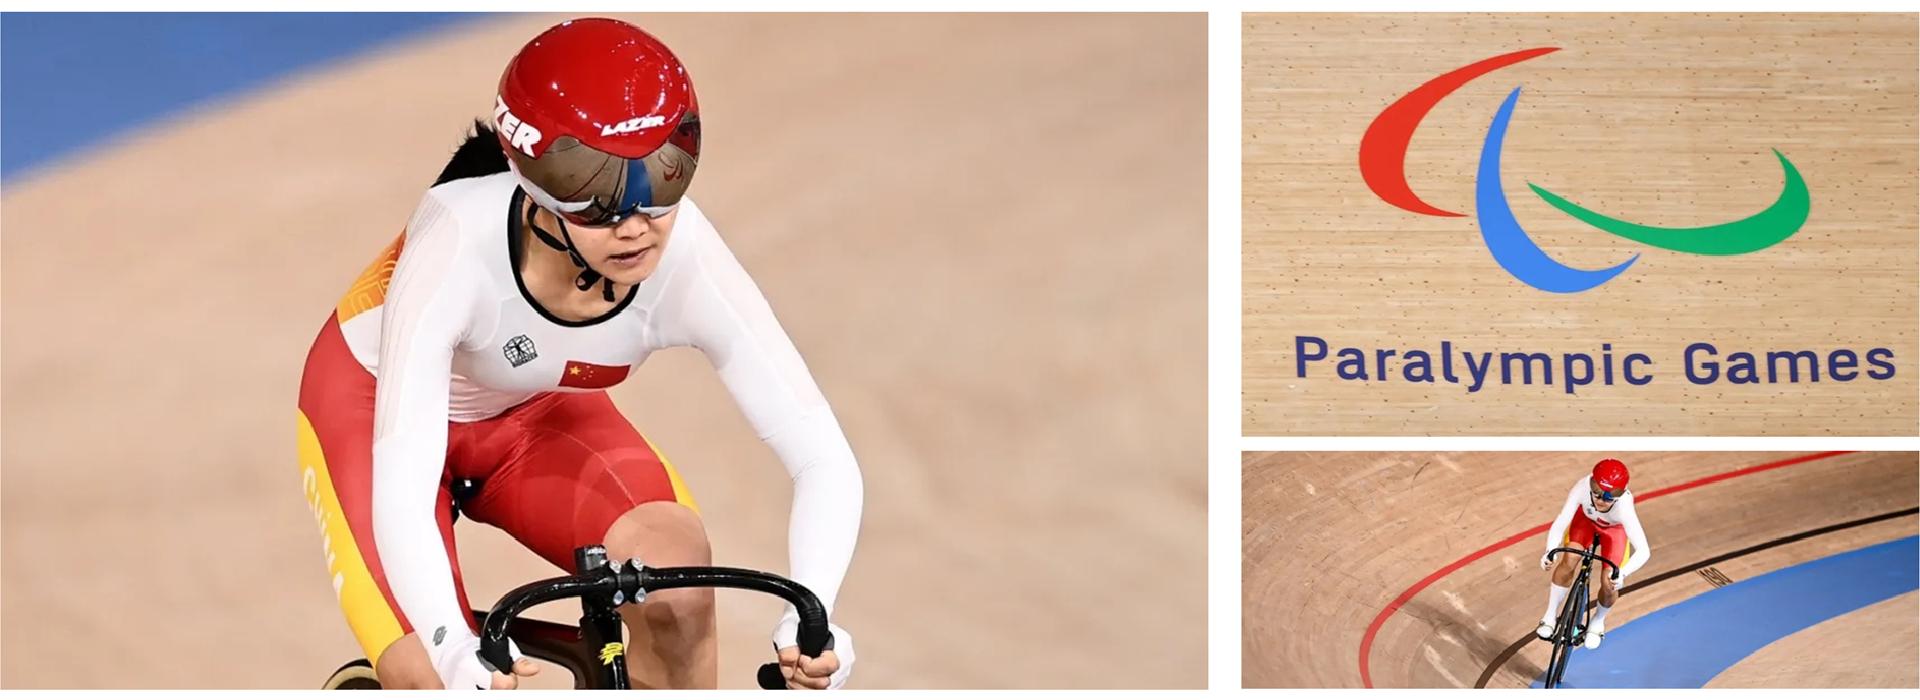 Qidong cyclist sets world record at Tokyo 2020 Paralympics